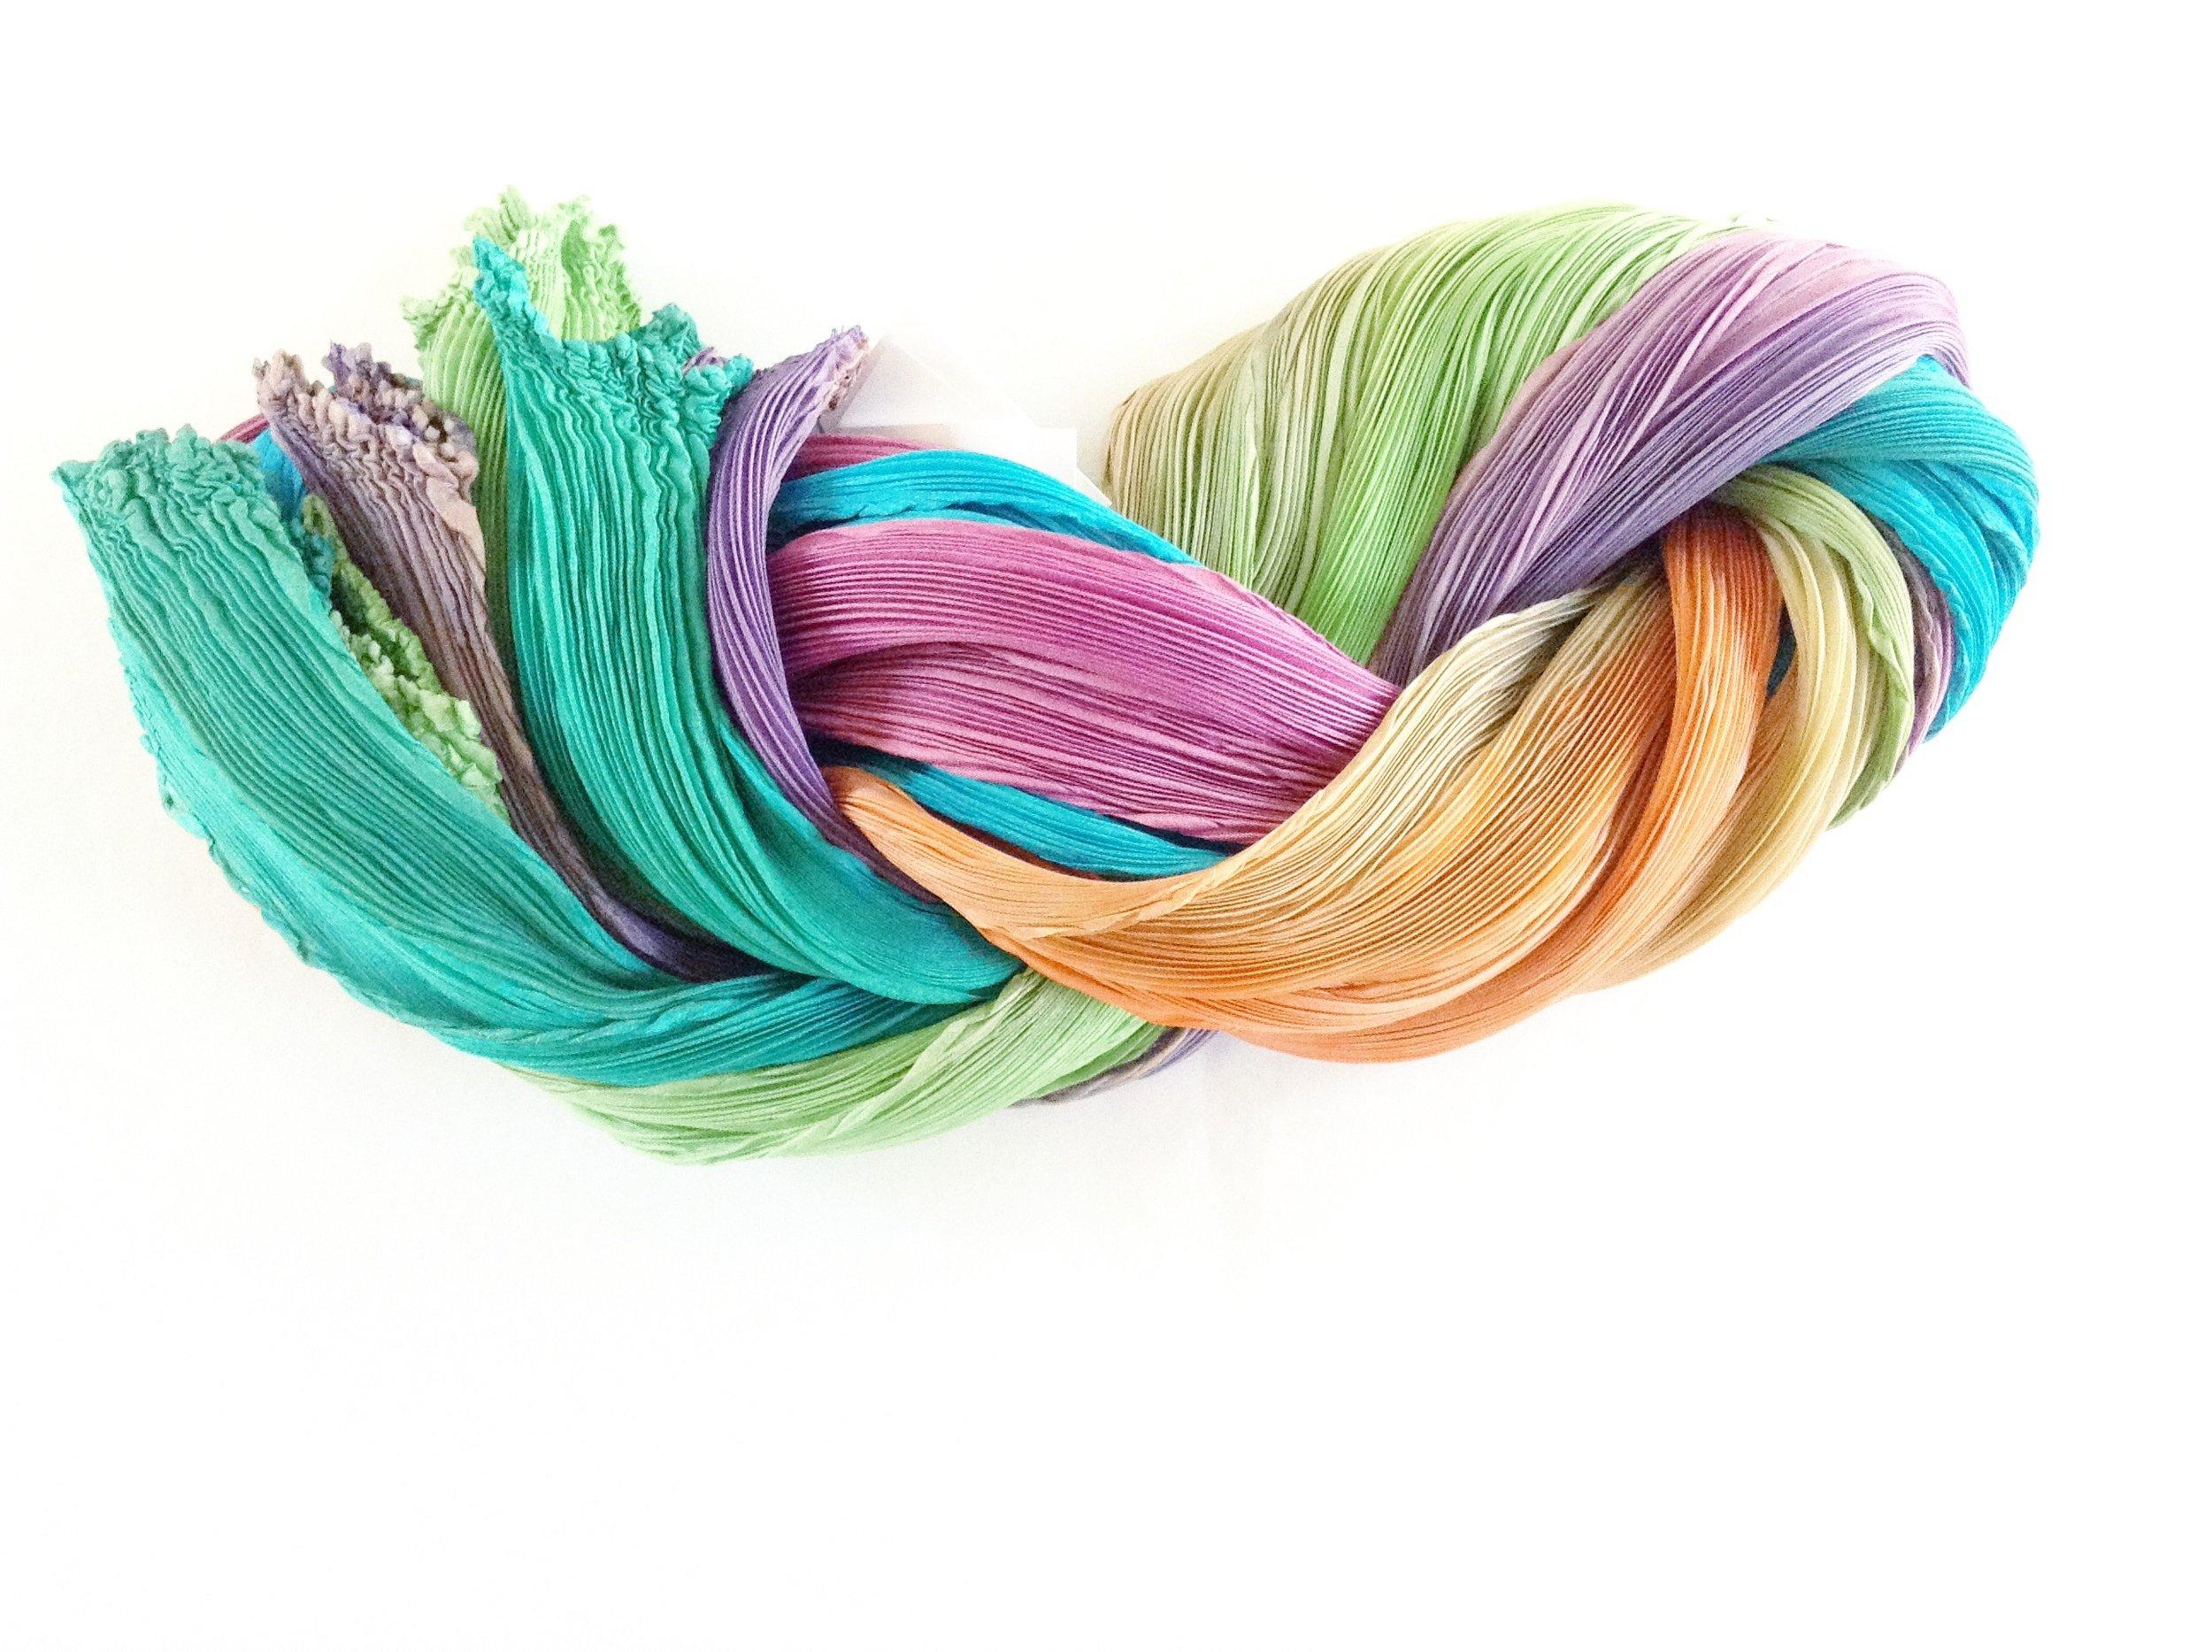 springcolorproductshot.JPG